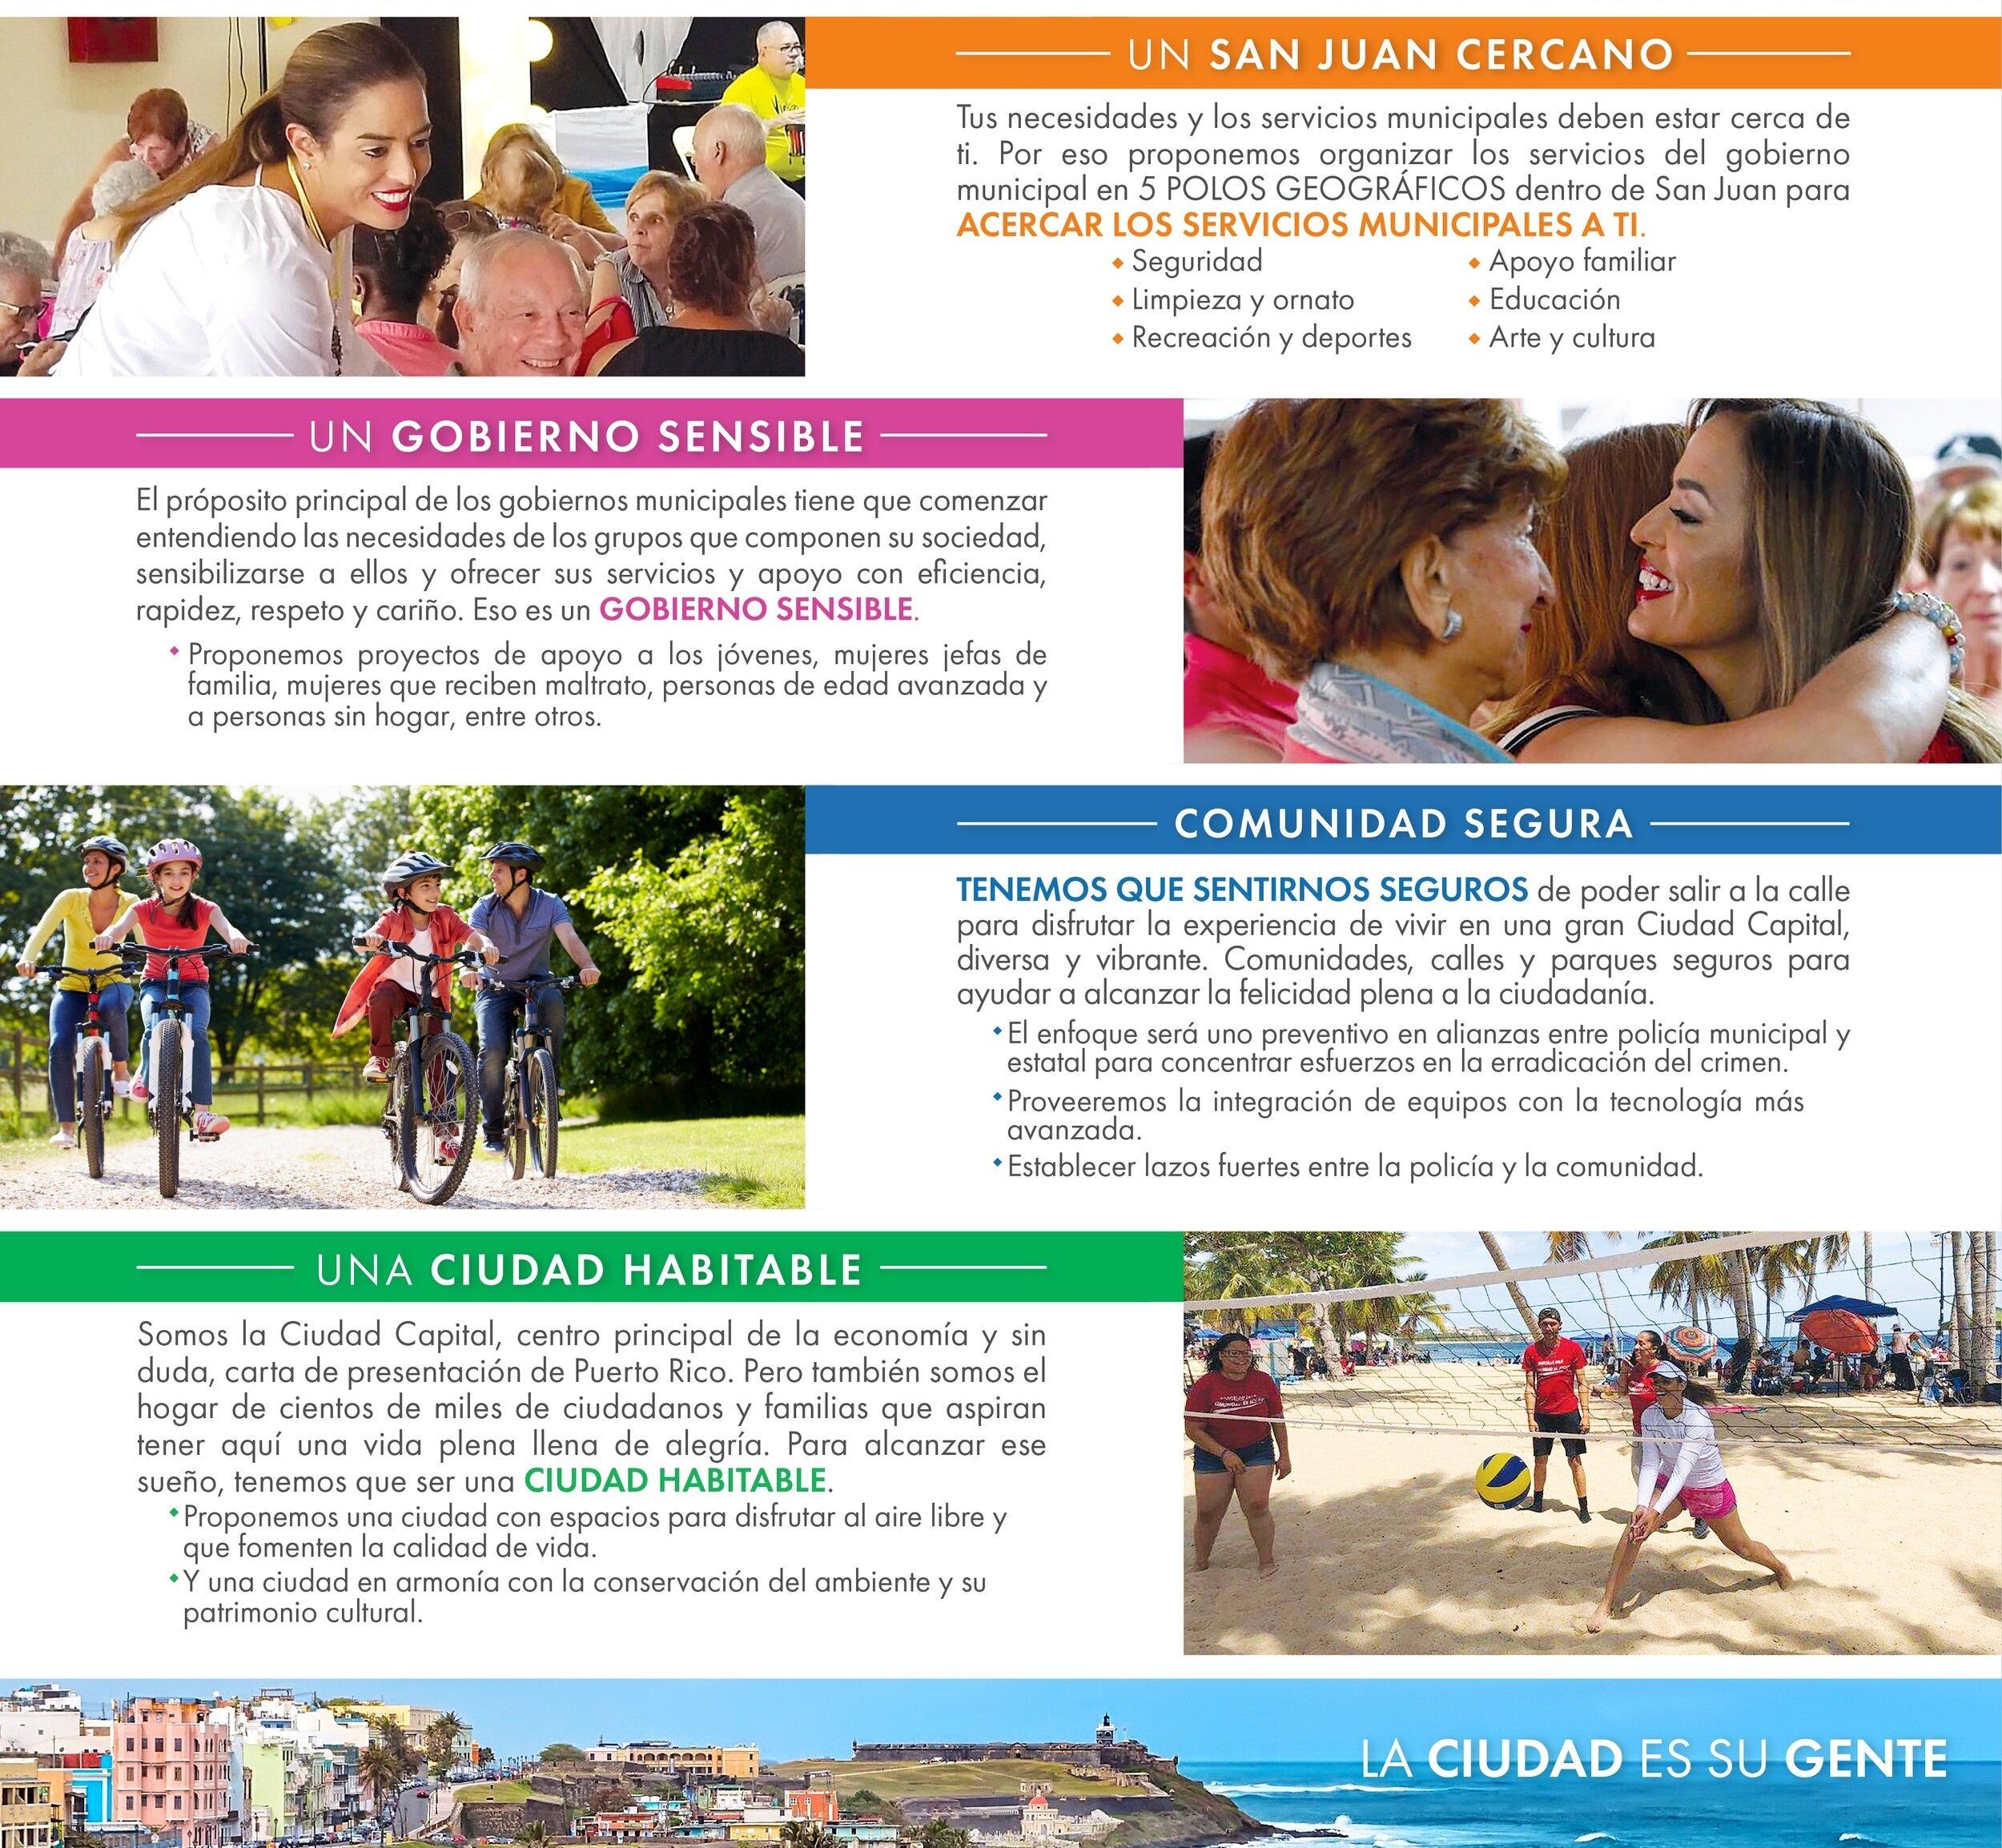 Brochure%2BAdaptado%2Ba%2BWebsite%2BRL2020-01.jpg